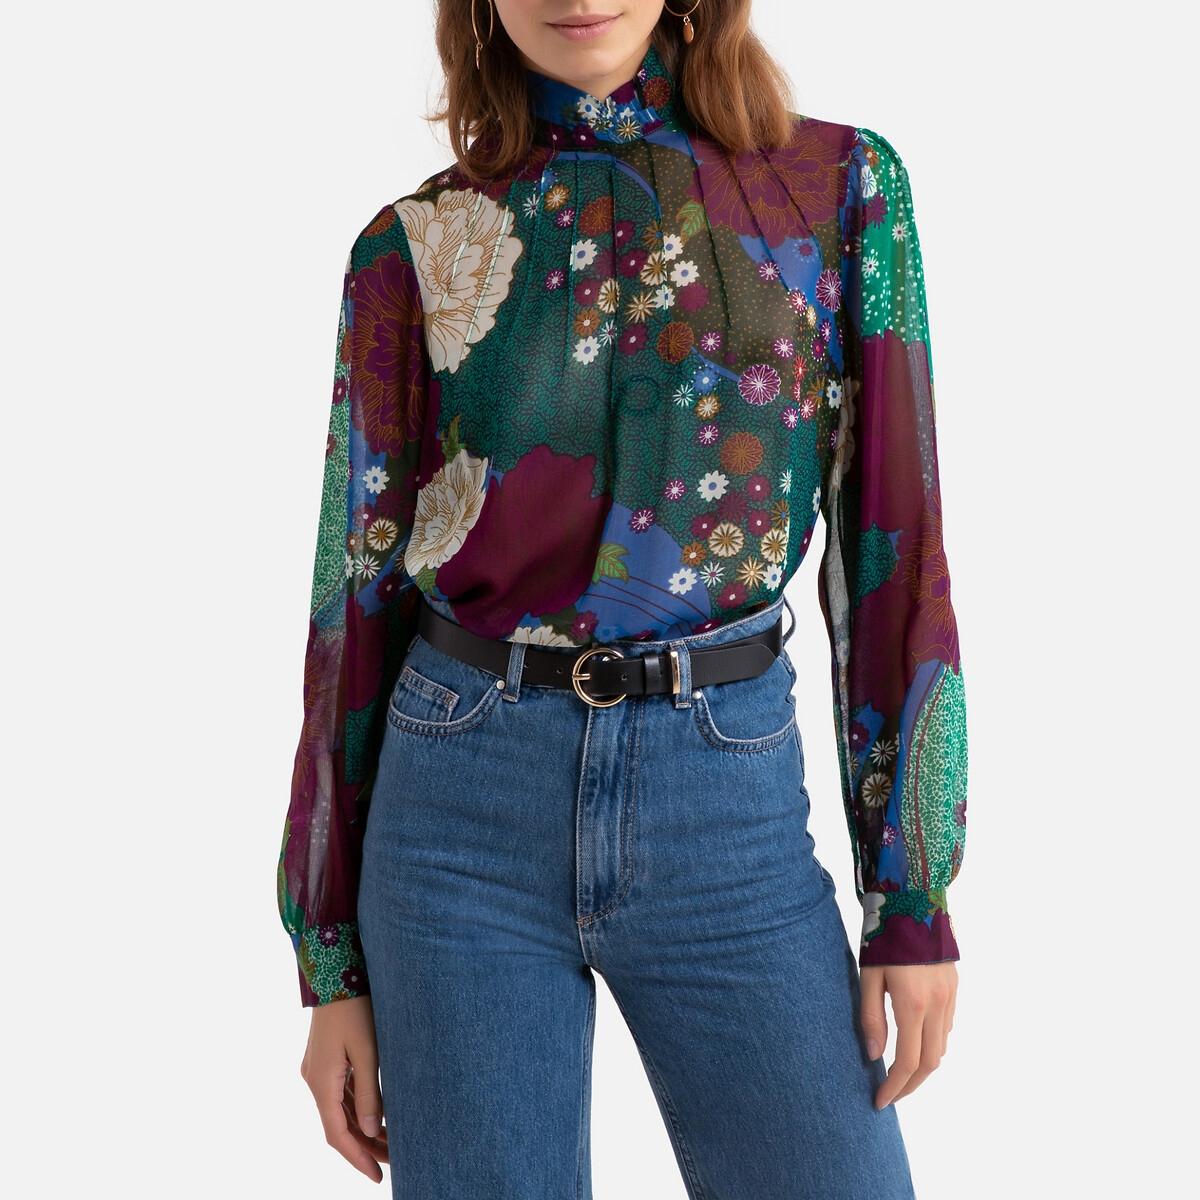 Блузка La Redoute С воротником-стойкой цветочным рисунком и длинными рукавами S зеленый блуза la redoute с рисунком и длинными рукавами s синий